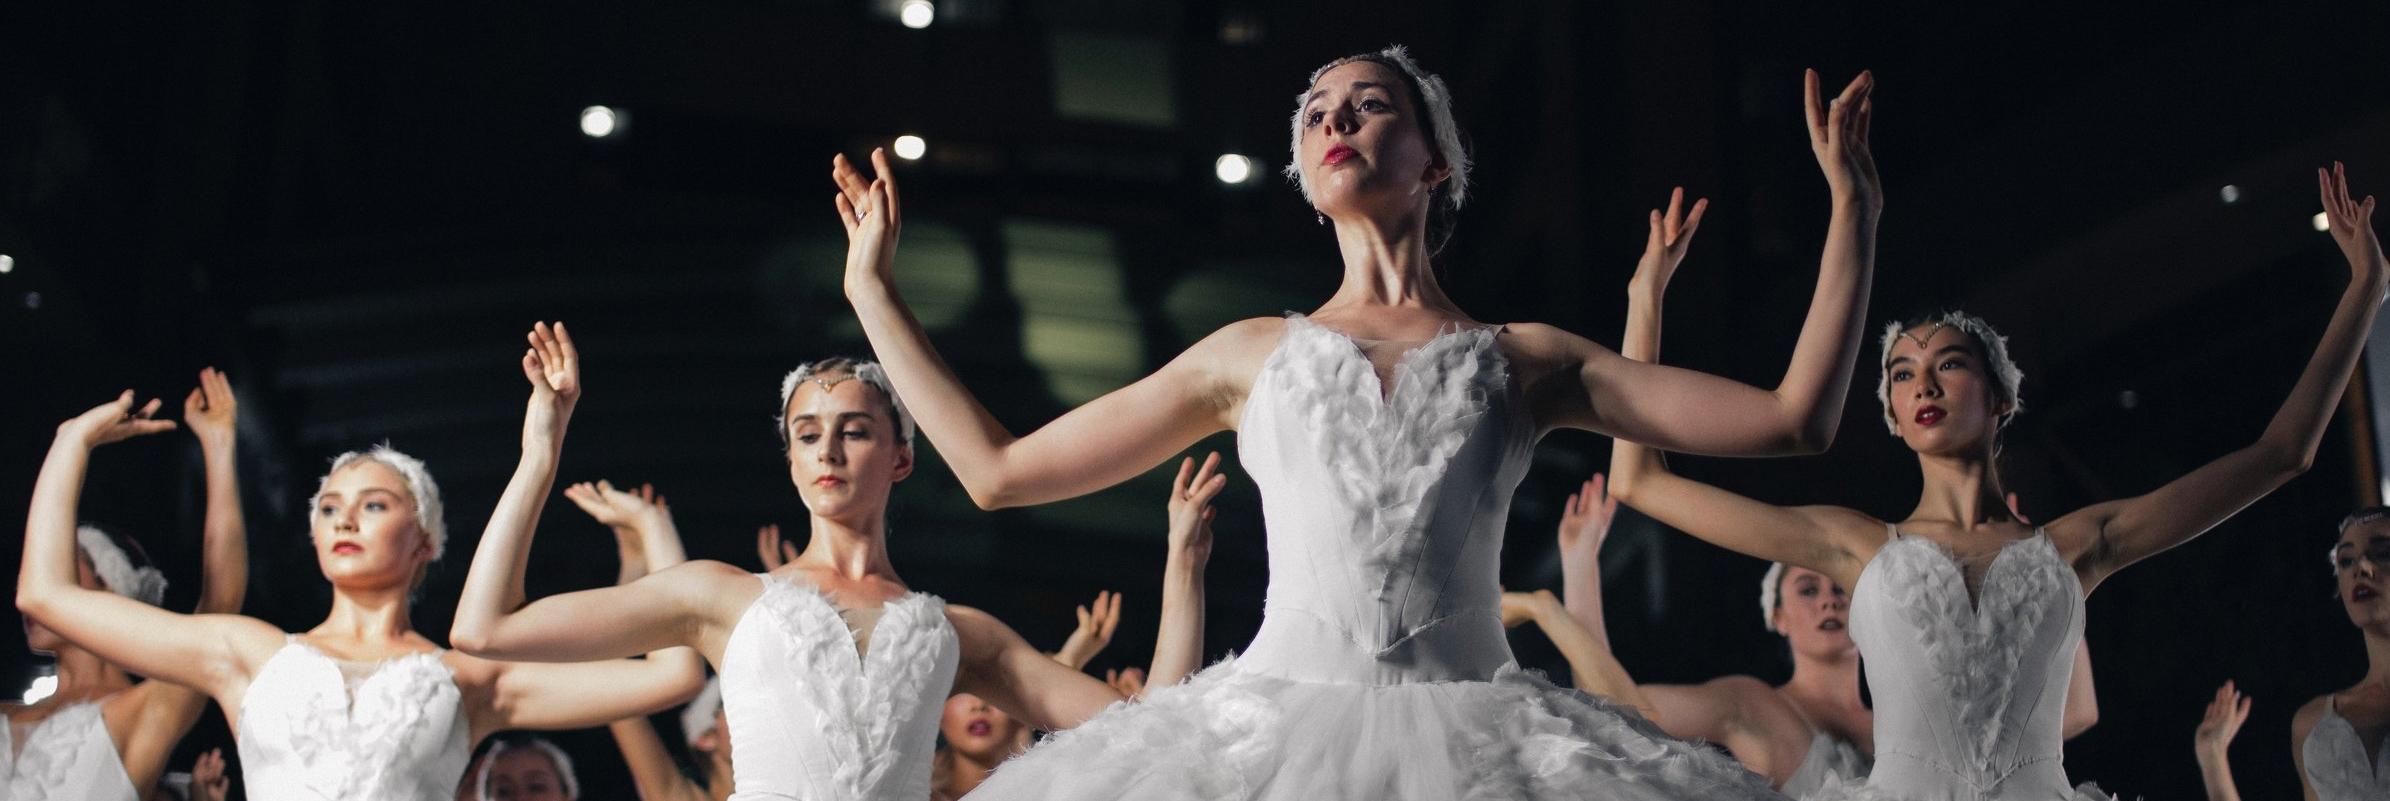 Dance Studio - Lorem ipsum dolor sit amet